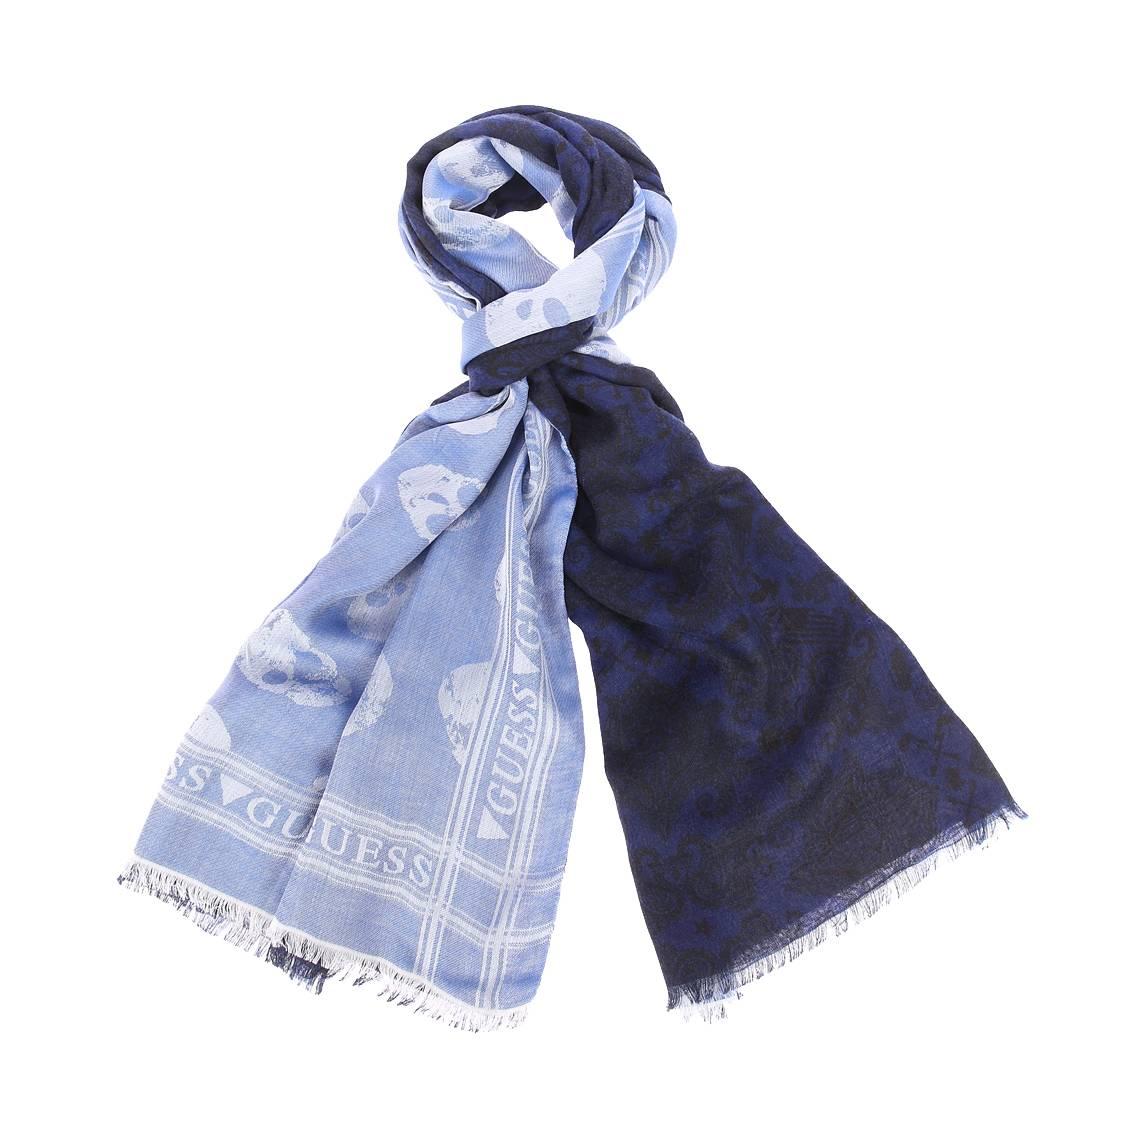 Chèche  en modal et viscose bleu marine à motifs noirs réversible bleu clair à imprimé tête de mort